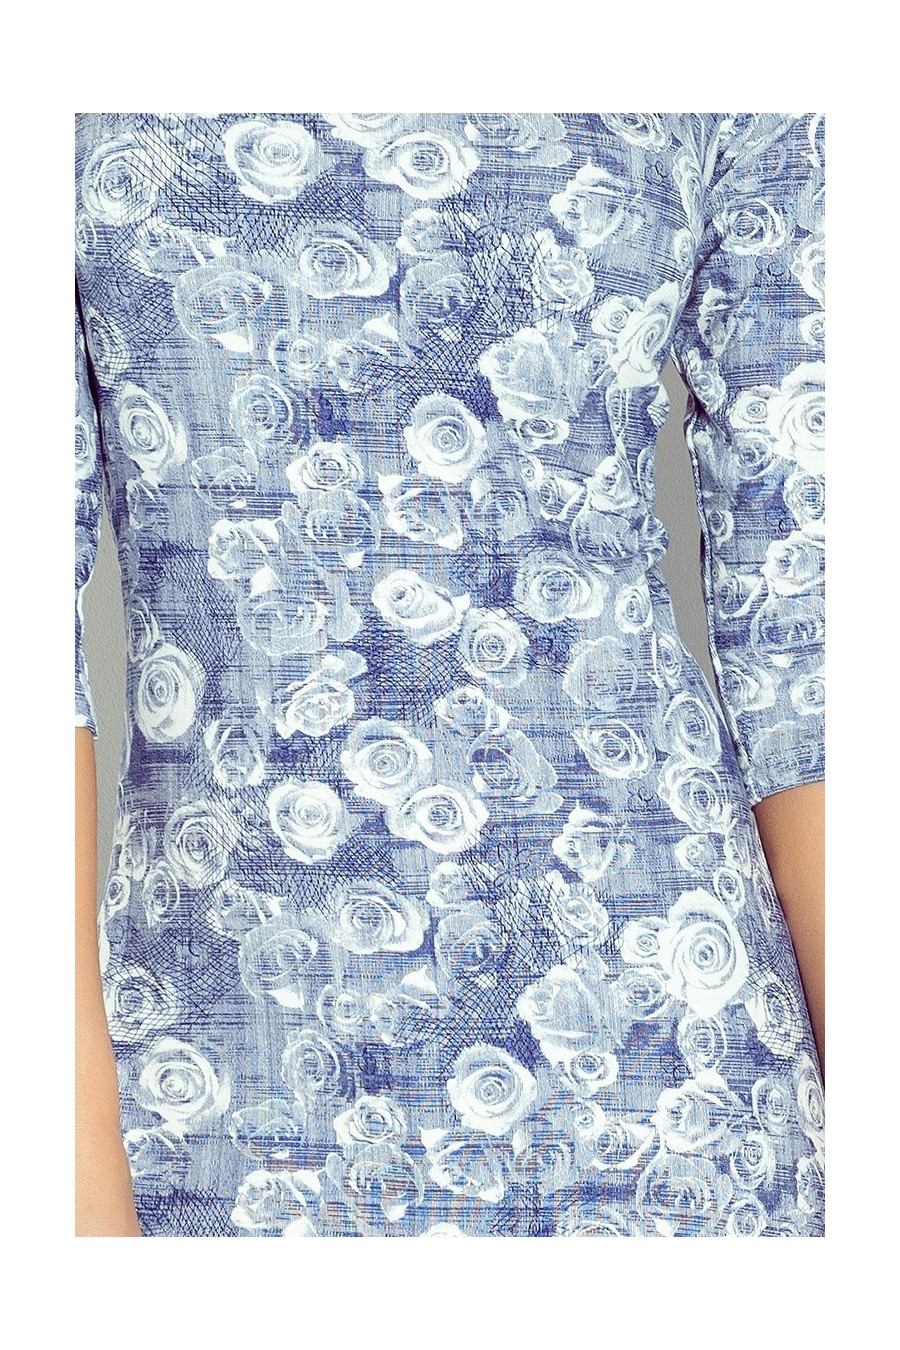 Šaty s rukávy 3/4 - modré růže 88-7